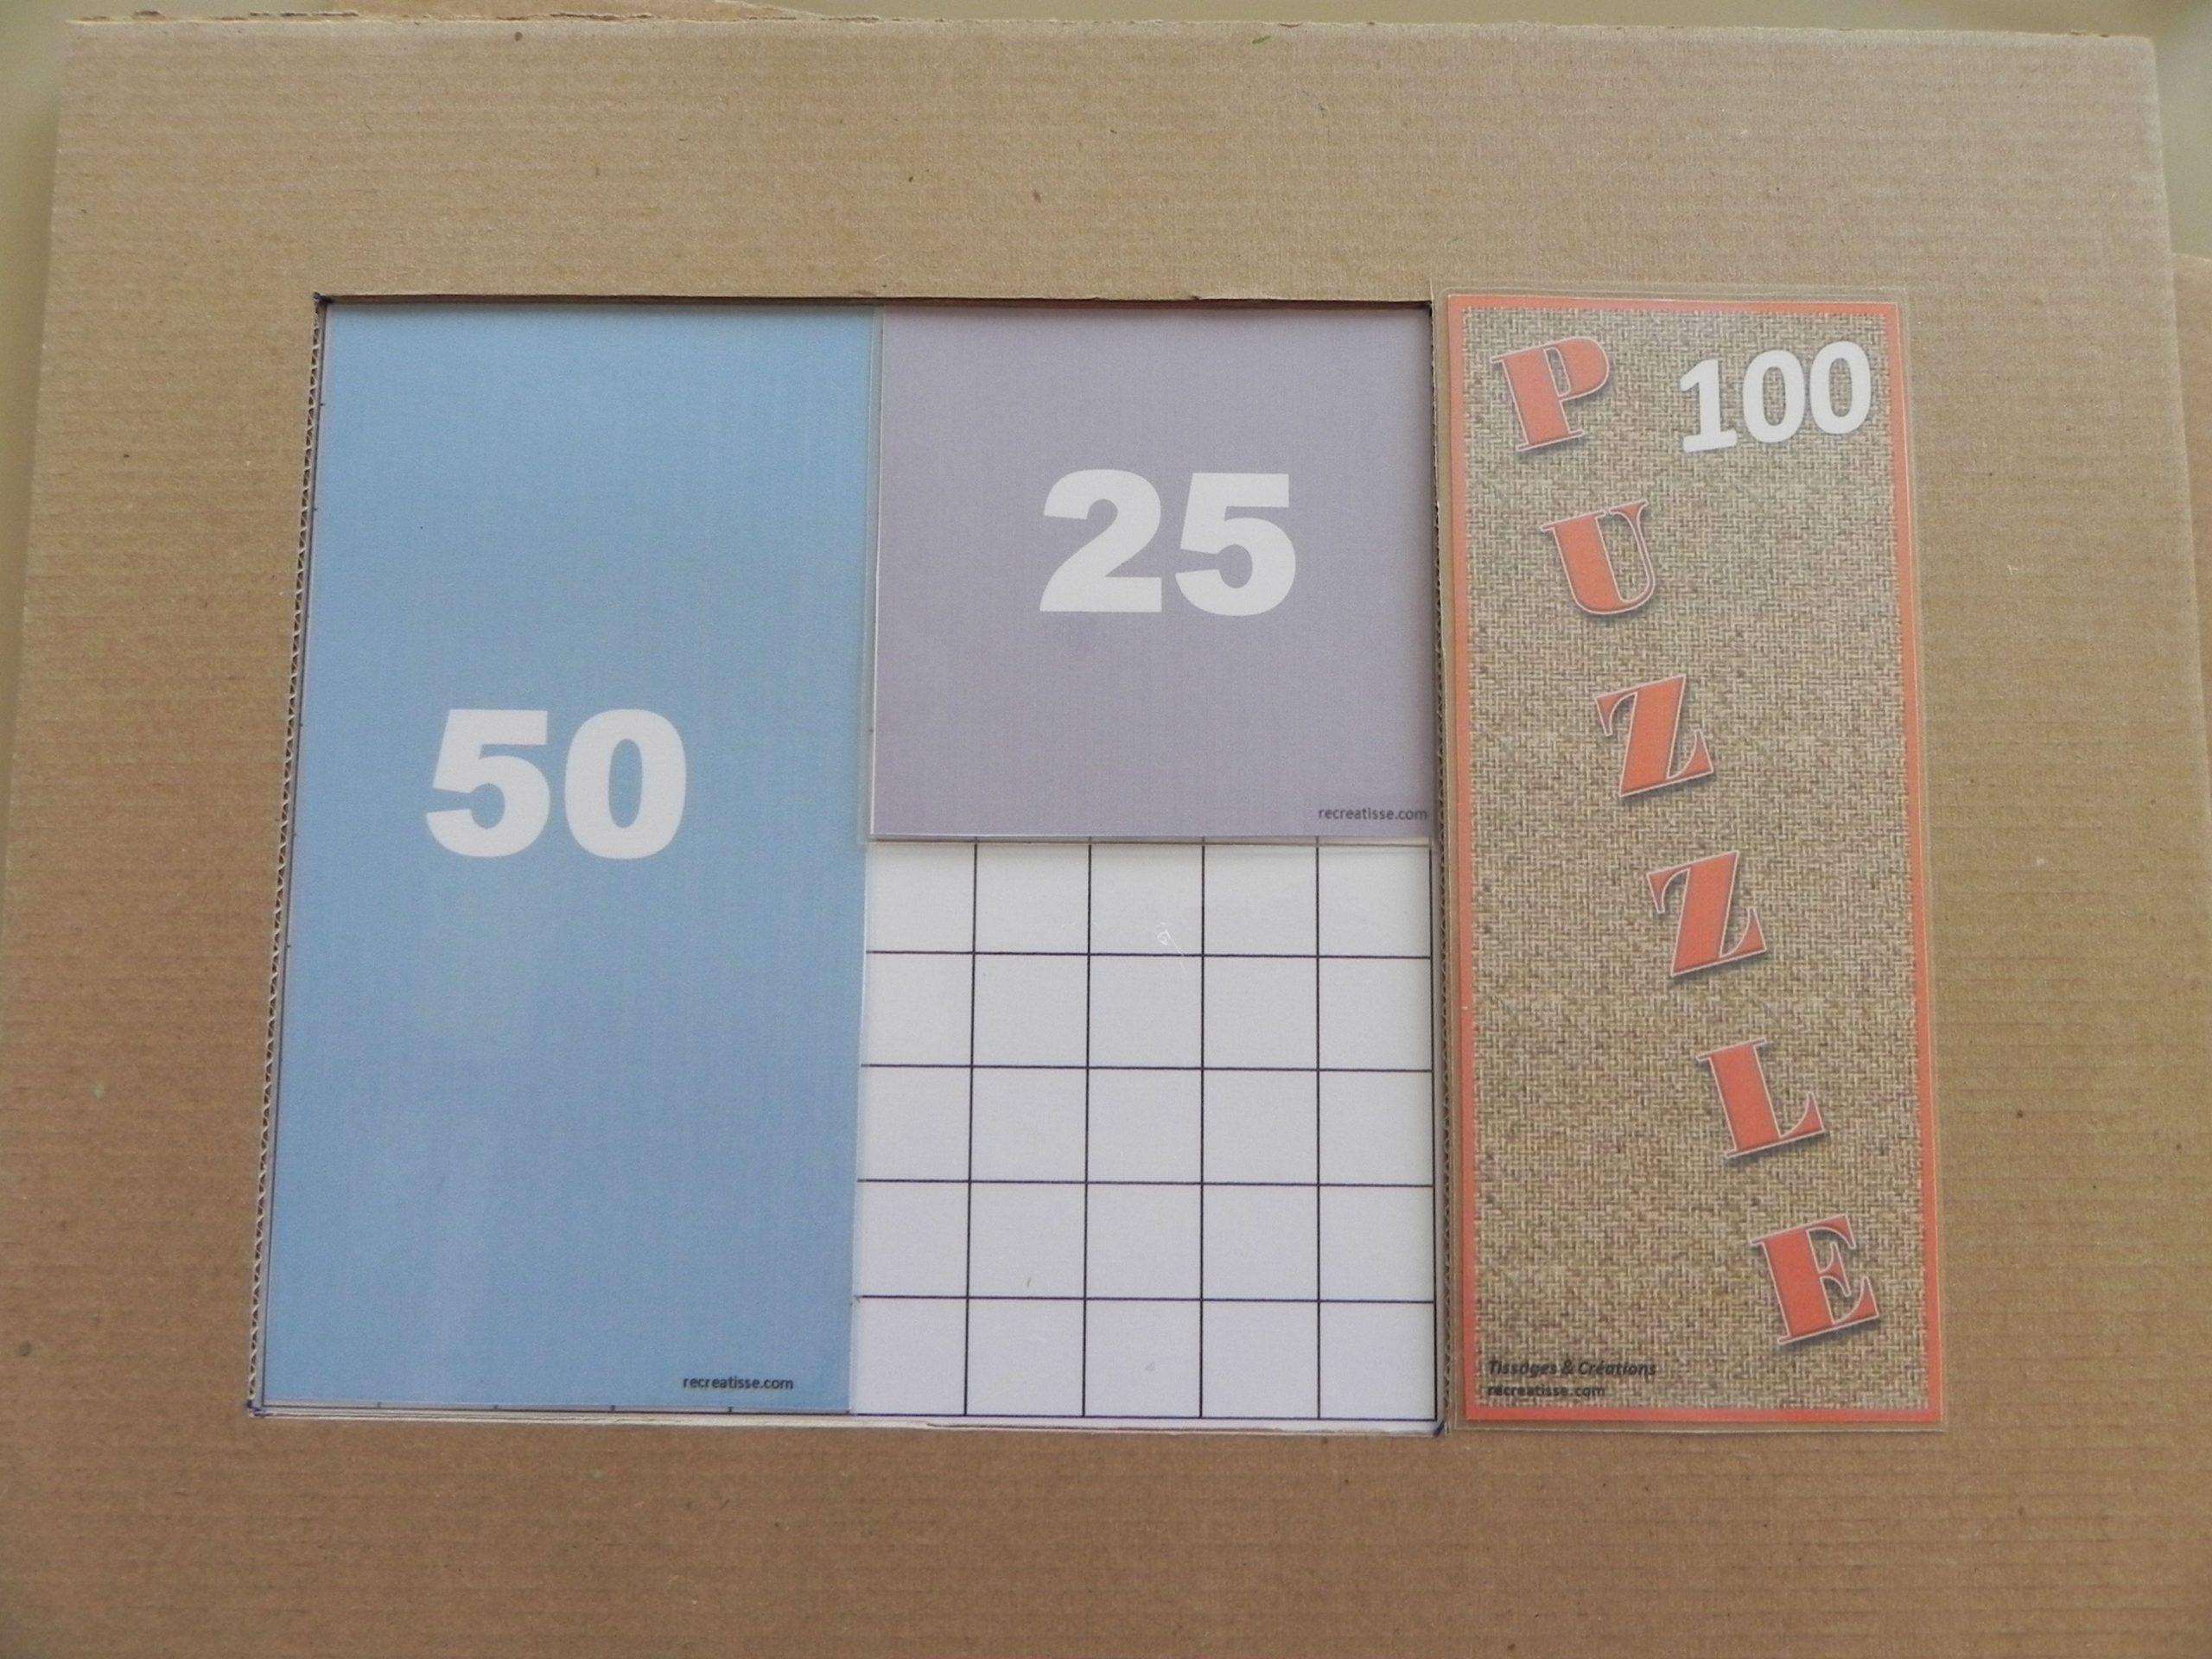 Épinglé Sur Ressources - Math dedans Puzzle En Ligne Facile